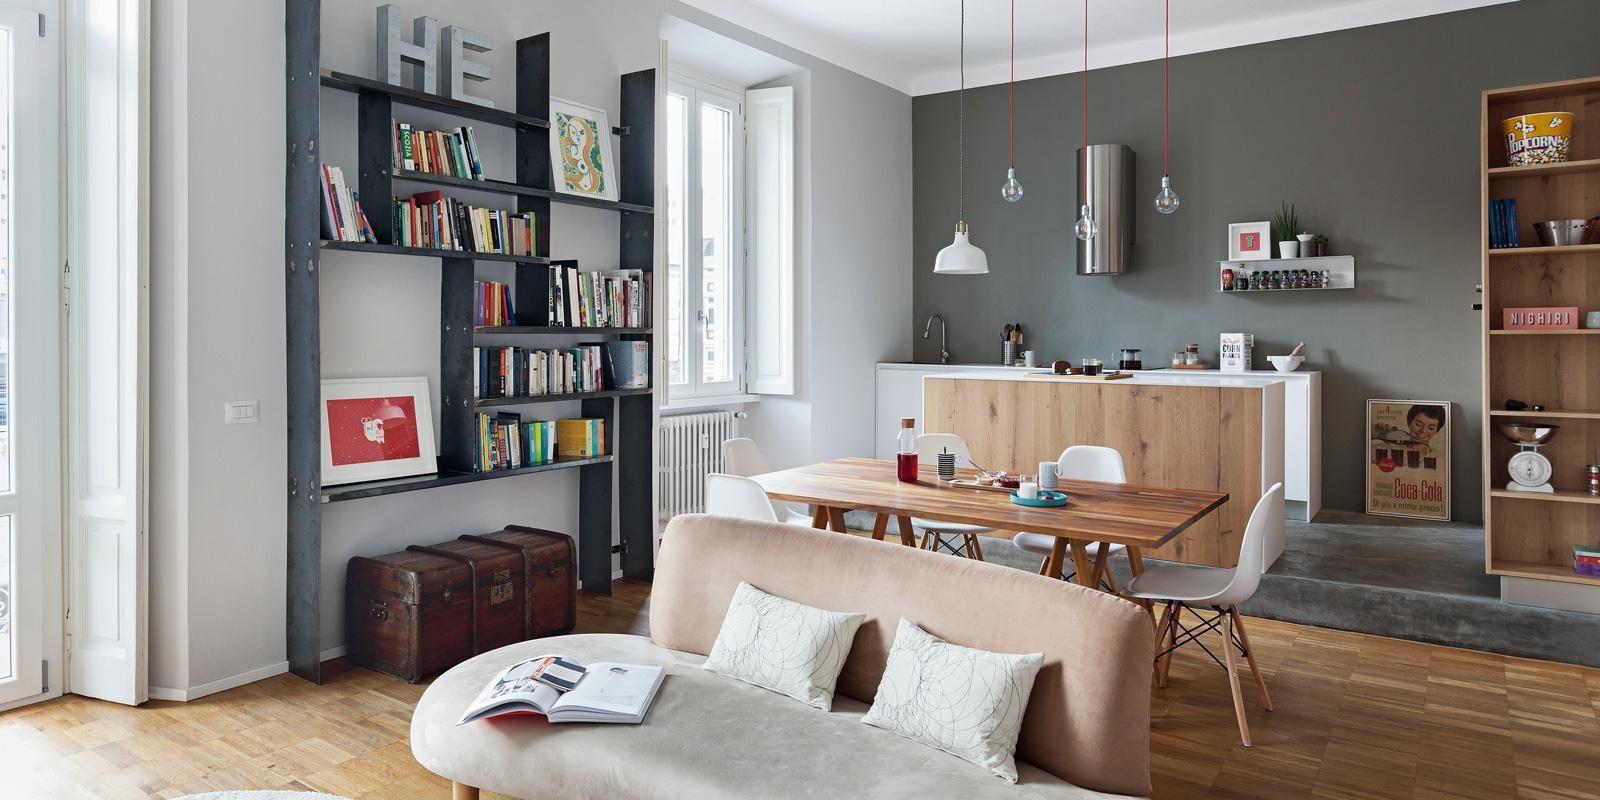 Abitazione da single 63 mq con un blocco multifunzione for Idee interni casa